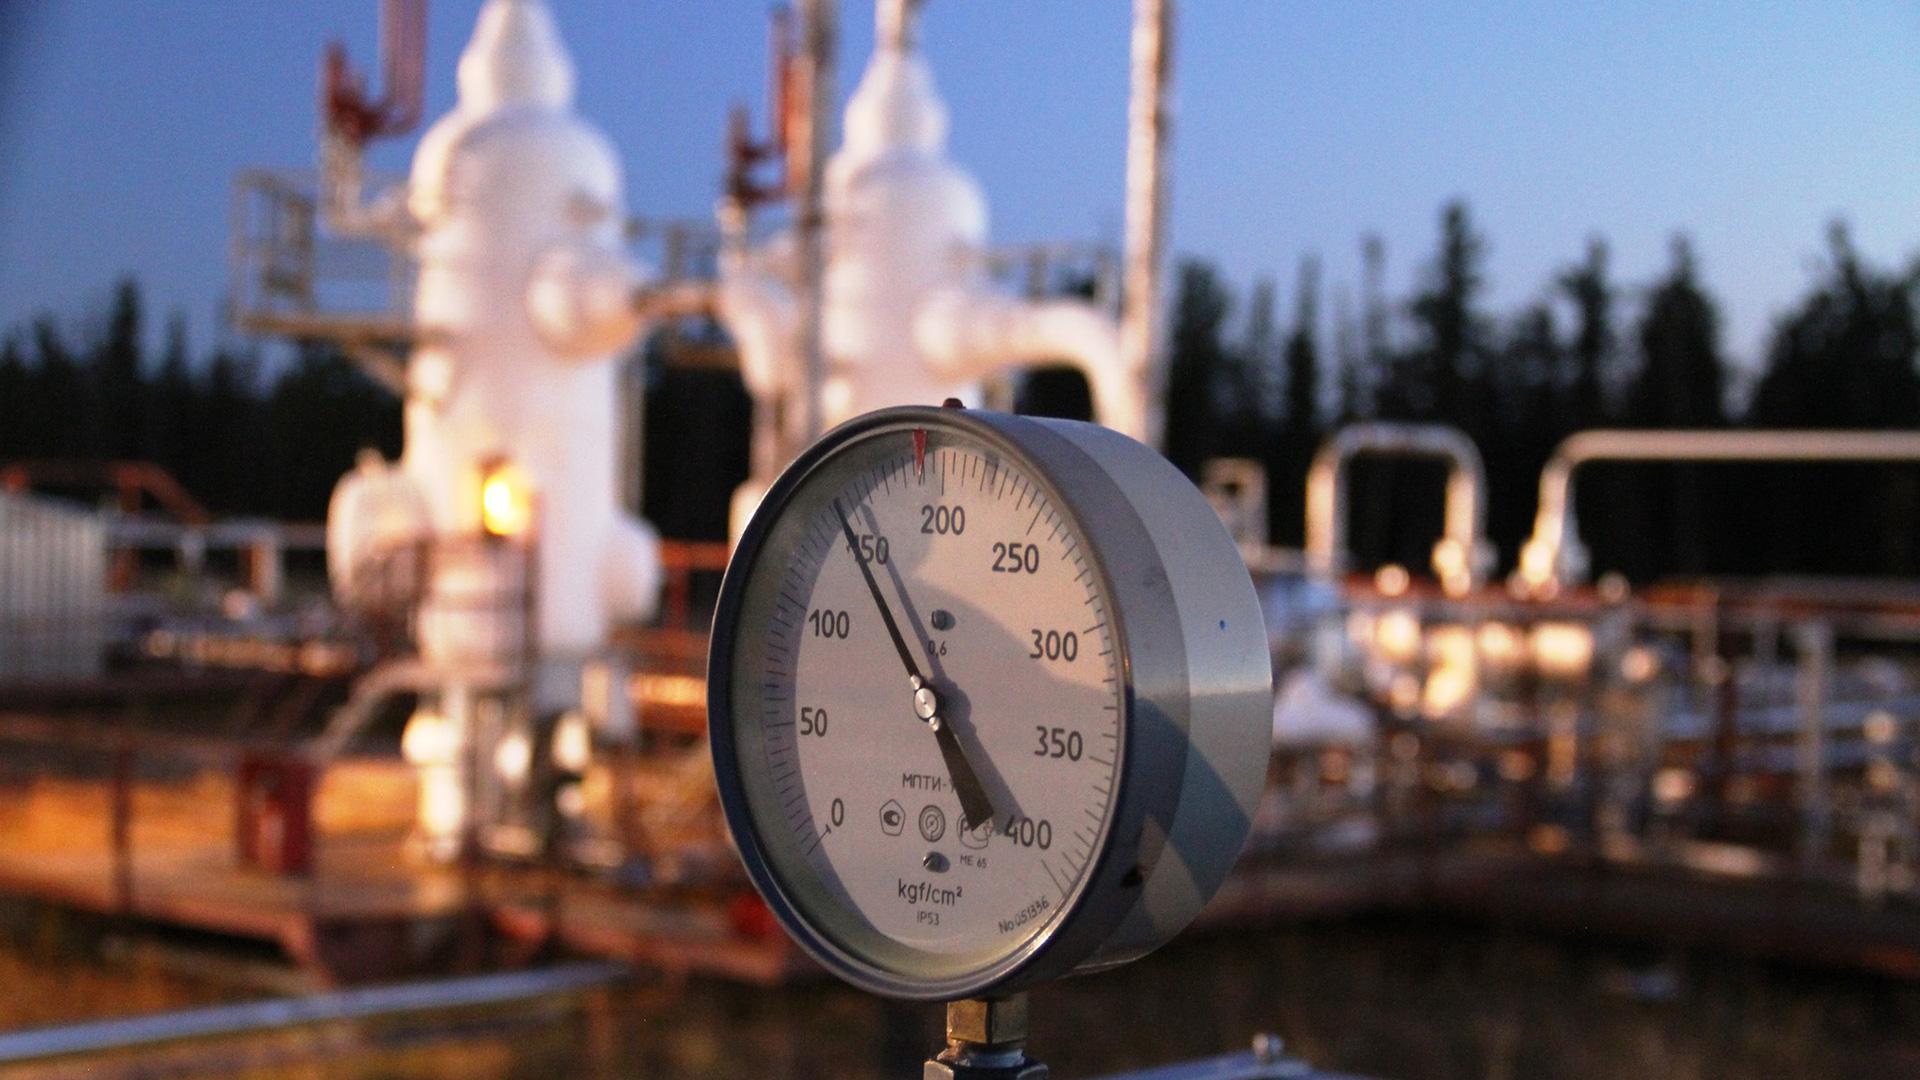 Владимир Данилов: Подписан судьбоносный документ о газификации